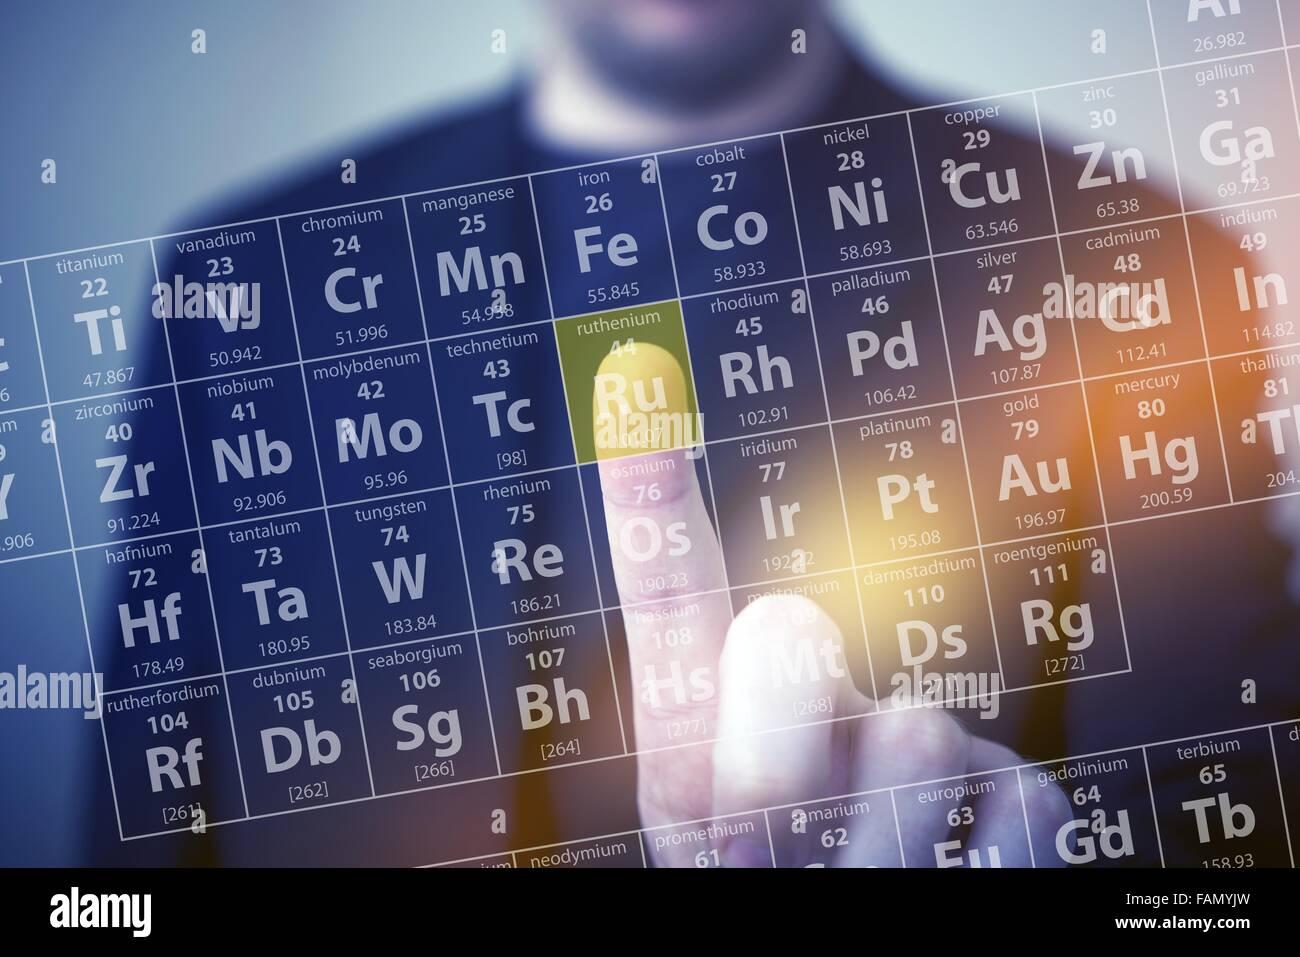 Los elementos de la tabla peridica touch tabla peridica concepto los elementos de la tabla peridica touch tabla peridica concepto qumico con hombres tocar algn elemento de su dedo urtaz Images